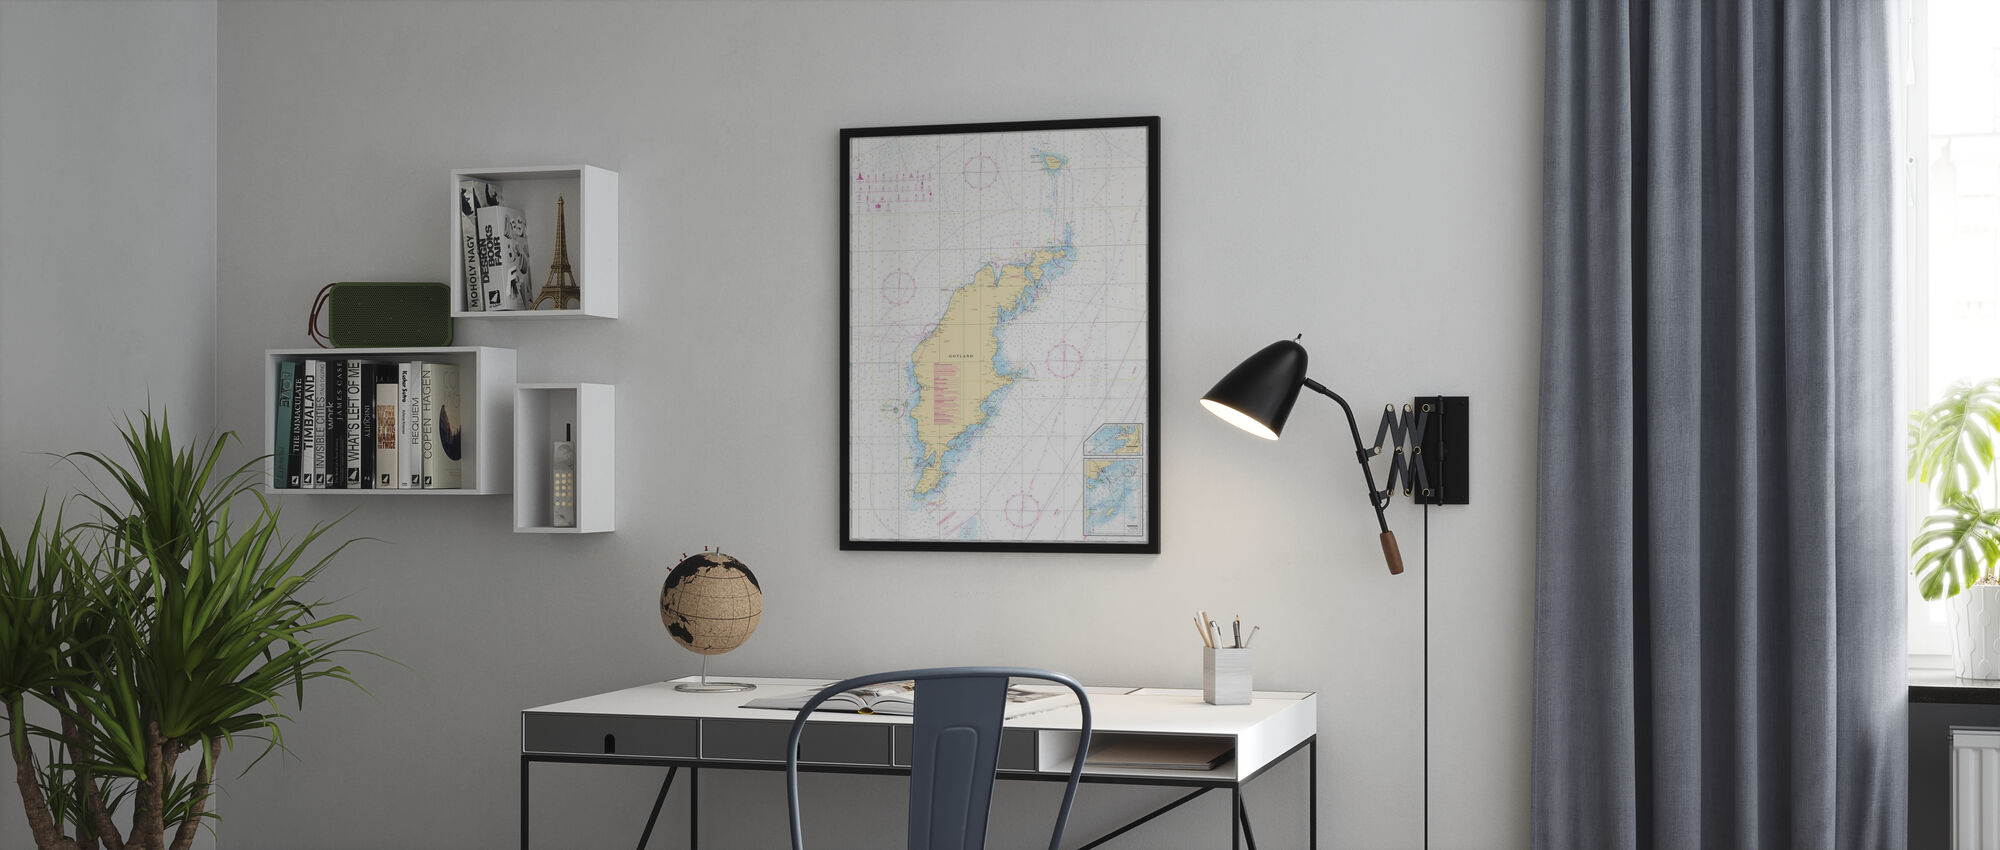 Merikaavio 73 - Gotland - Kehystetty kuva - Toimisto